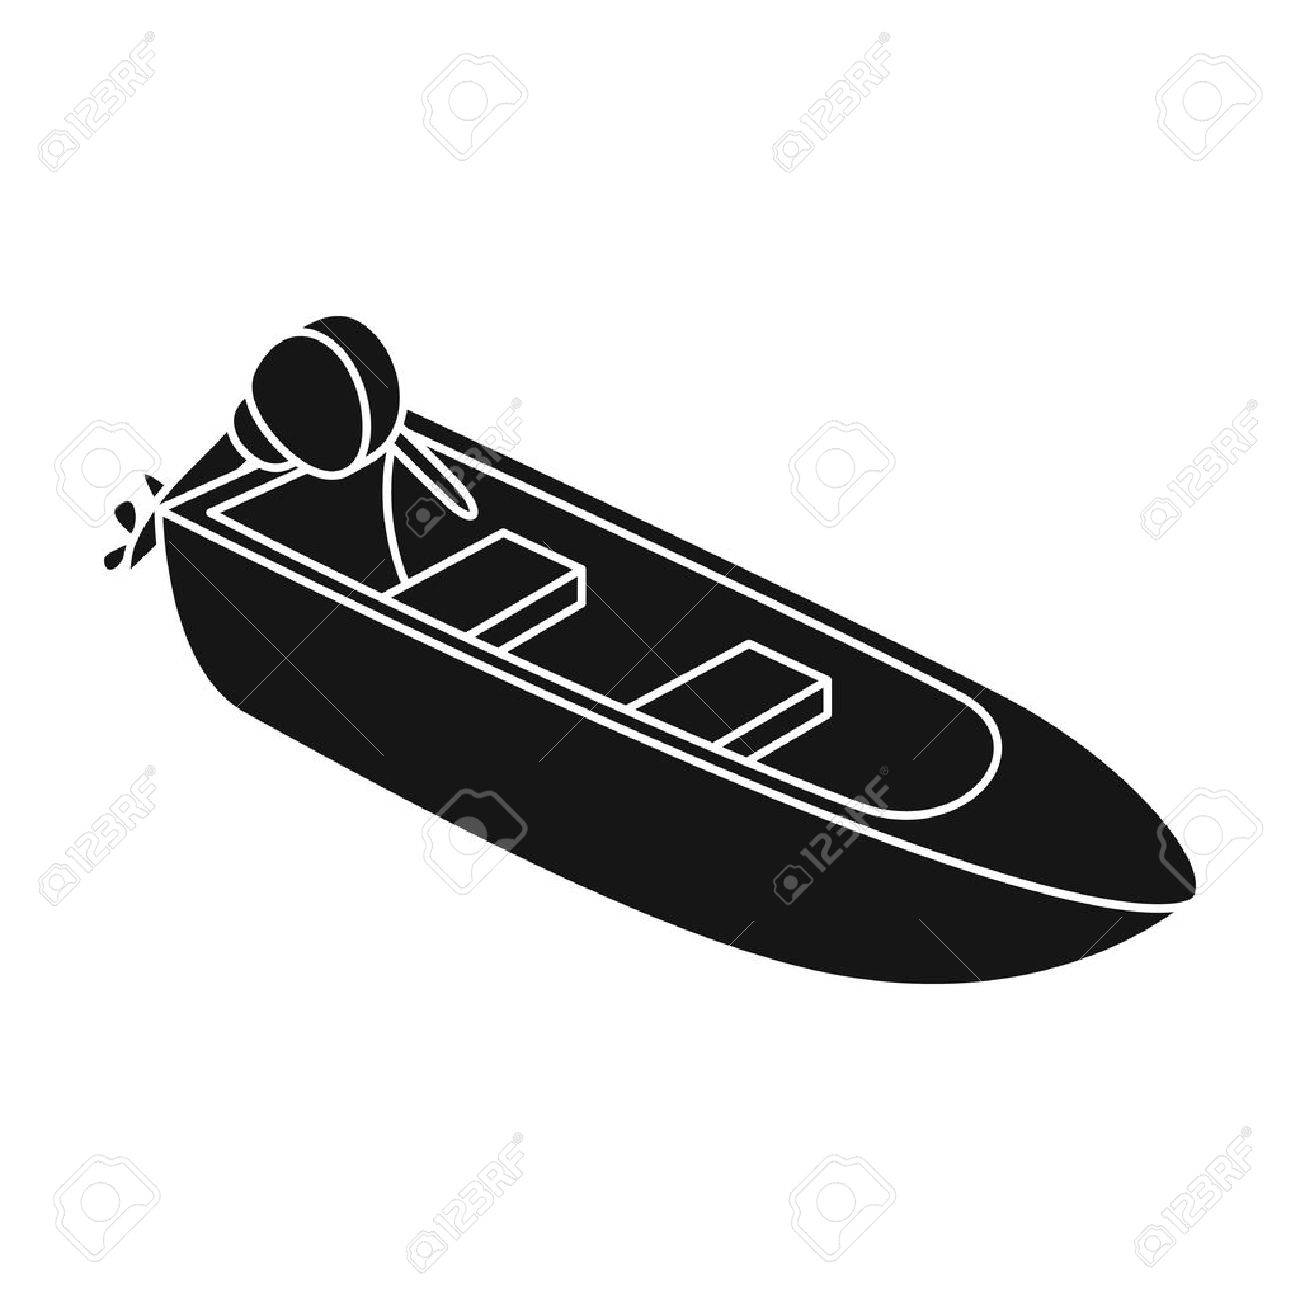 Kleines Metallboot Mit Motor Für Das Fischen. Boot Für Fluss Oder ...